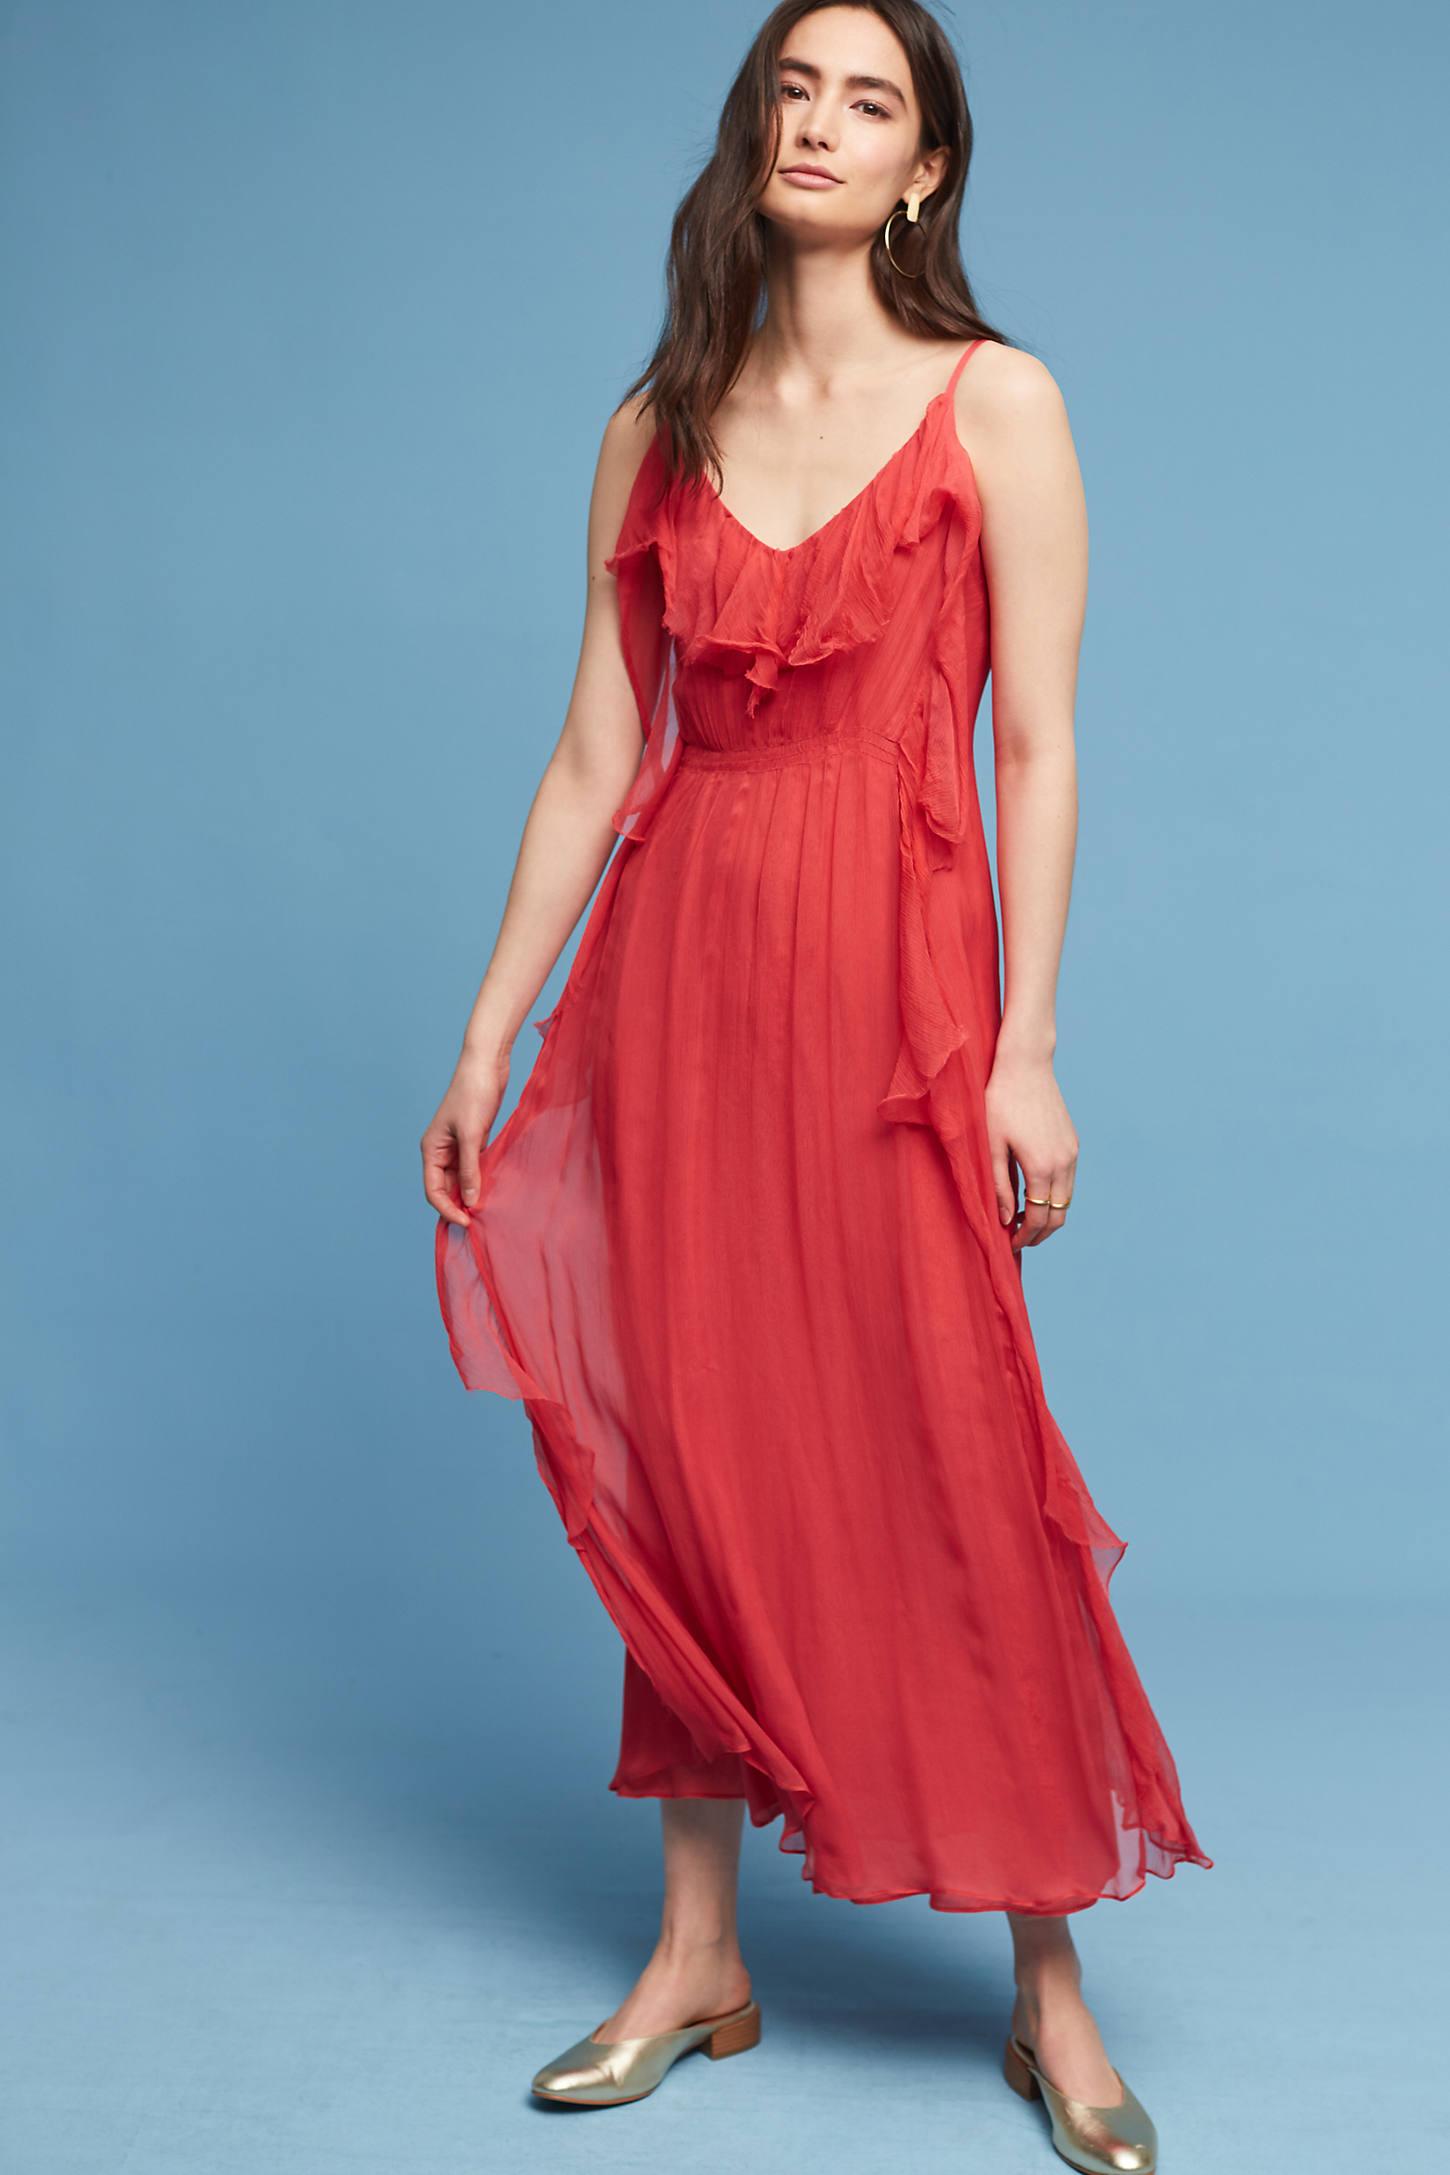 Valenna Ruffled Dress